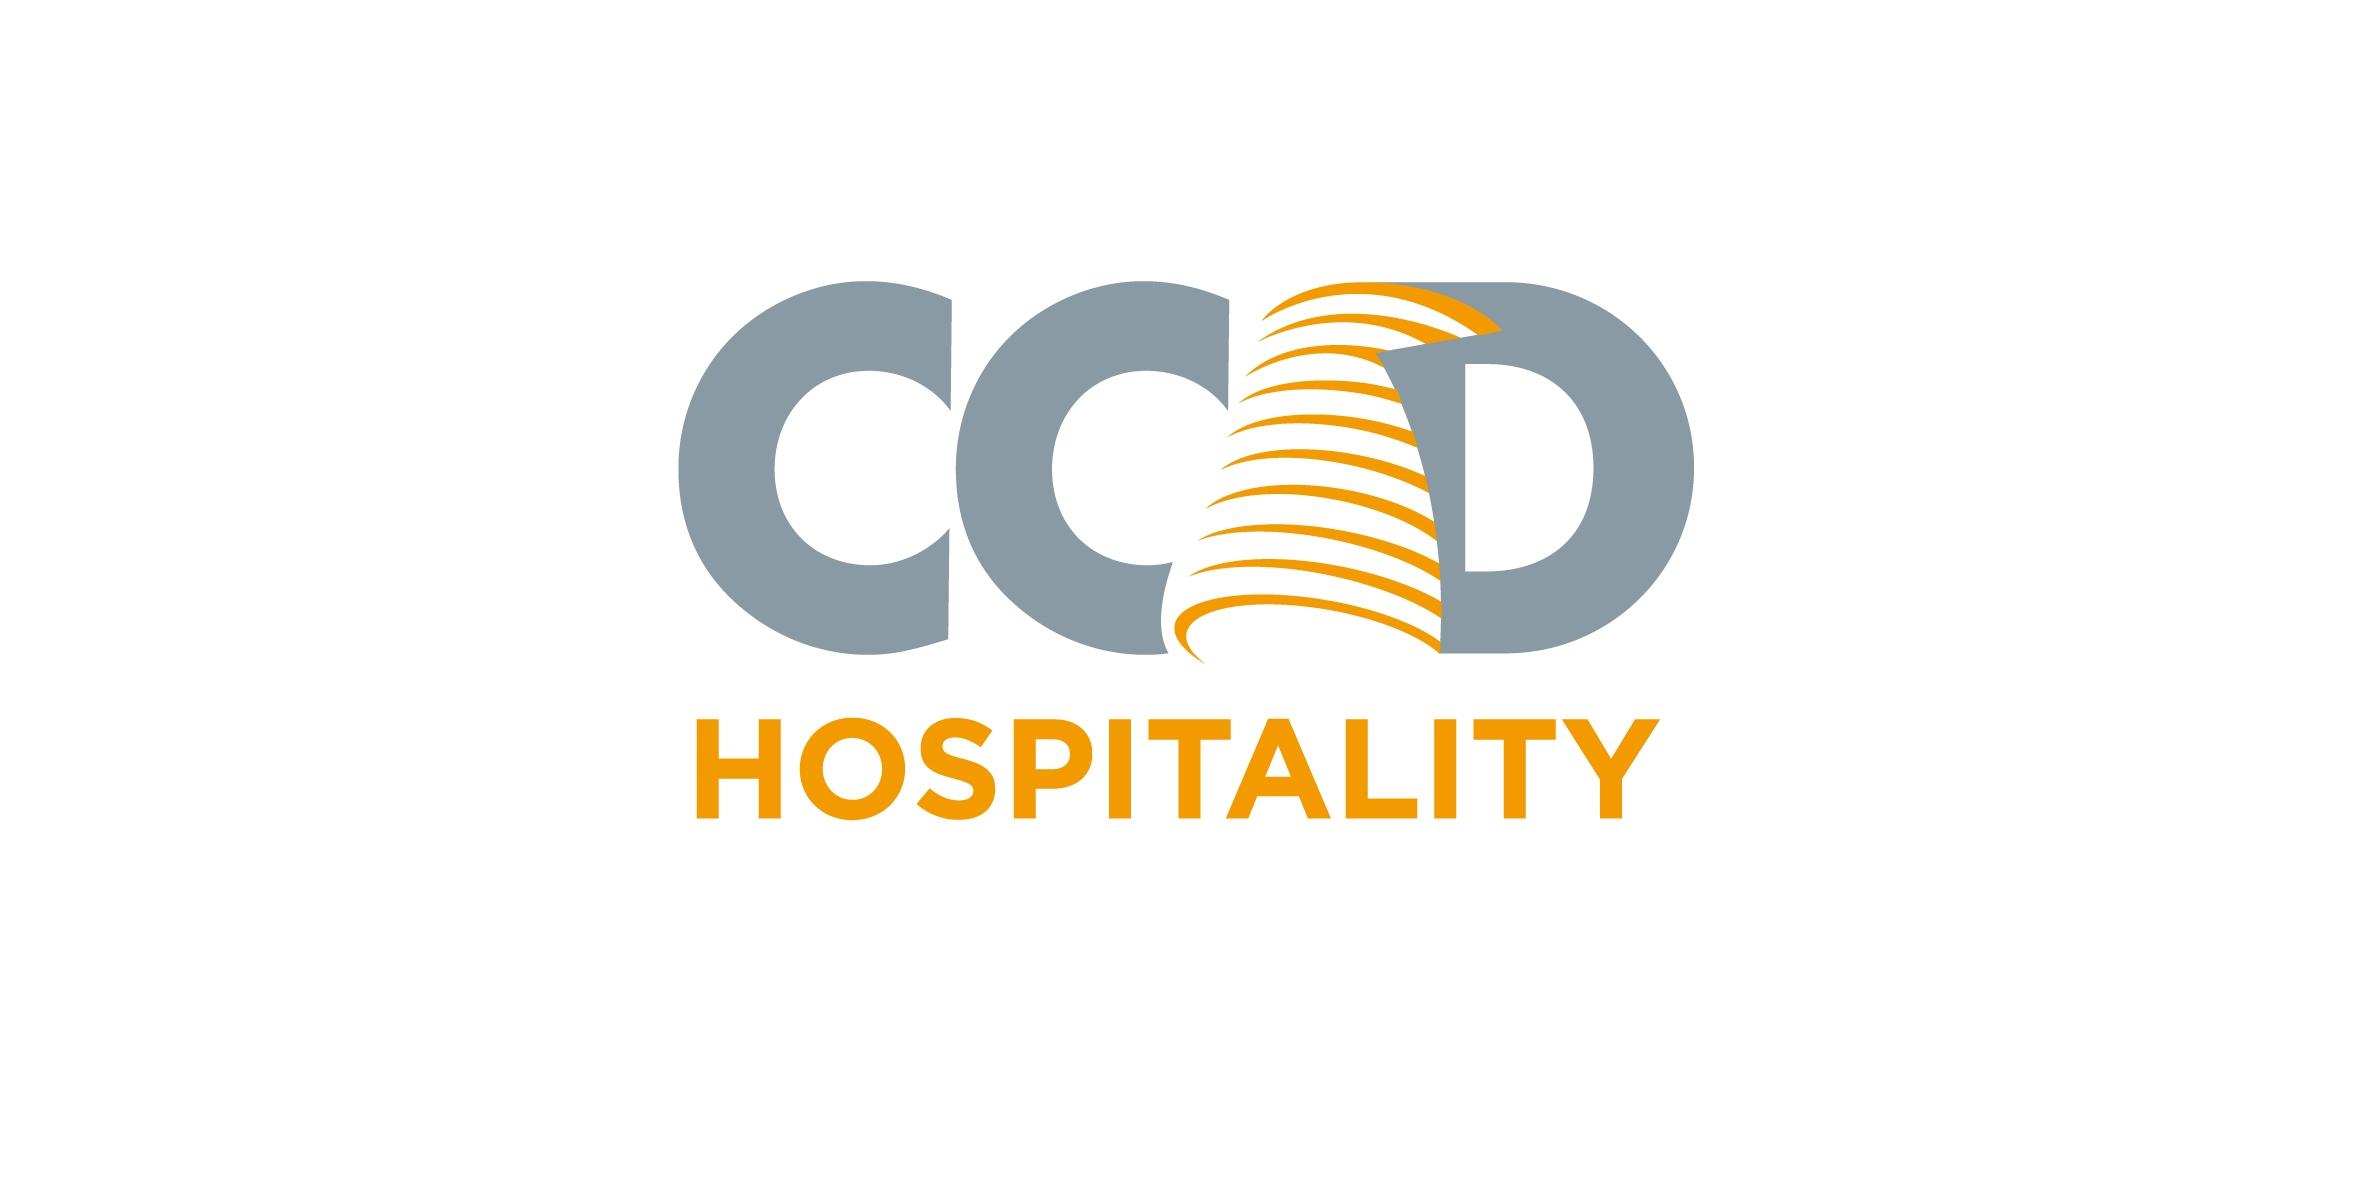 CCD Hospitality Nov 2010.jpg